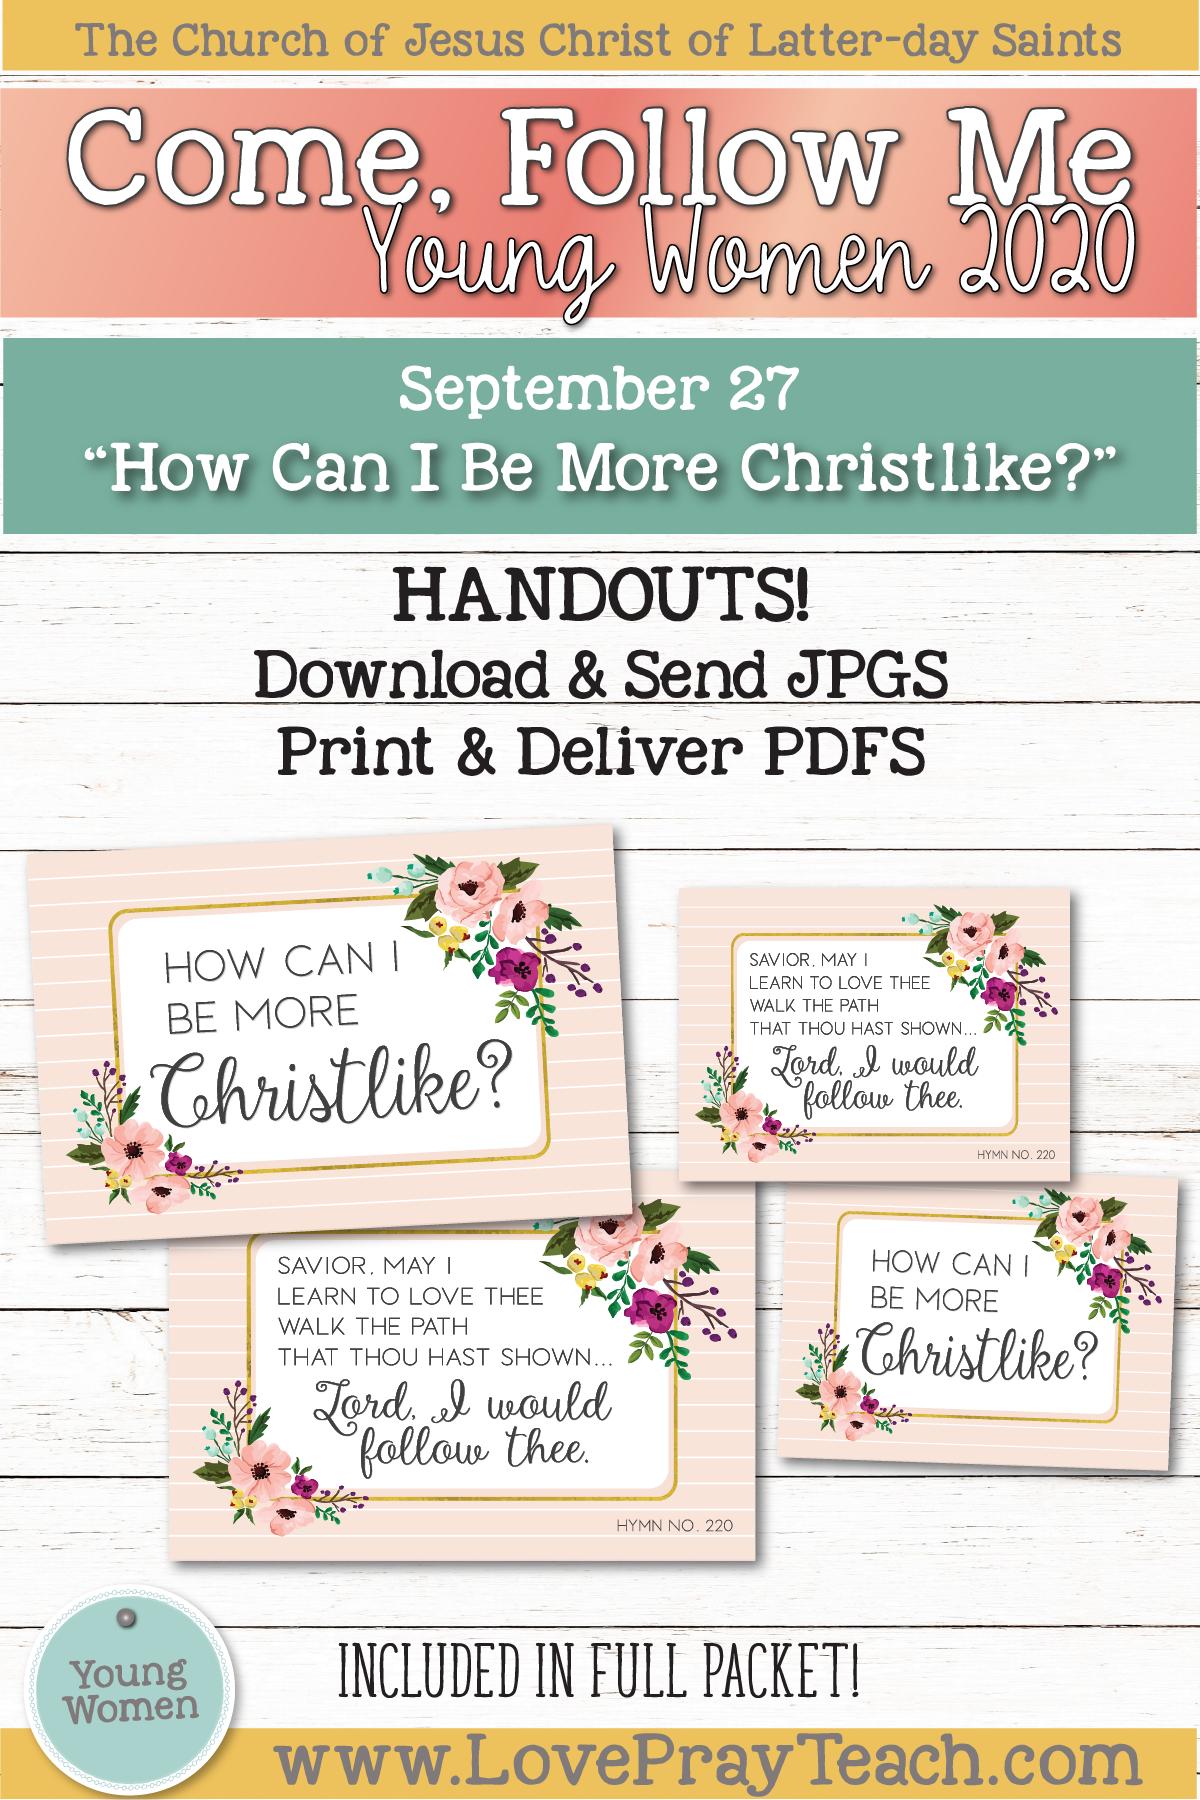 Young Women Doctrinal Topics 2020: September 27